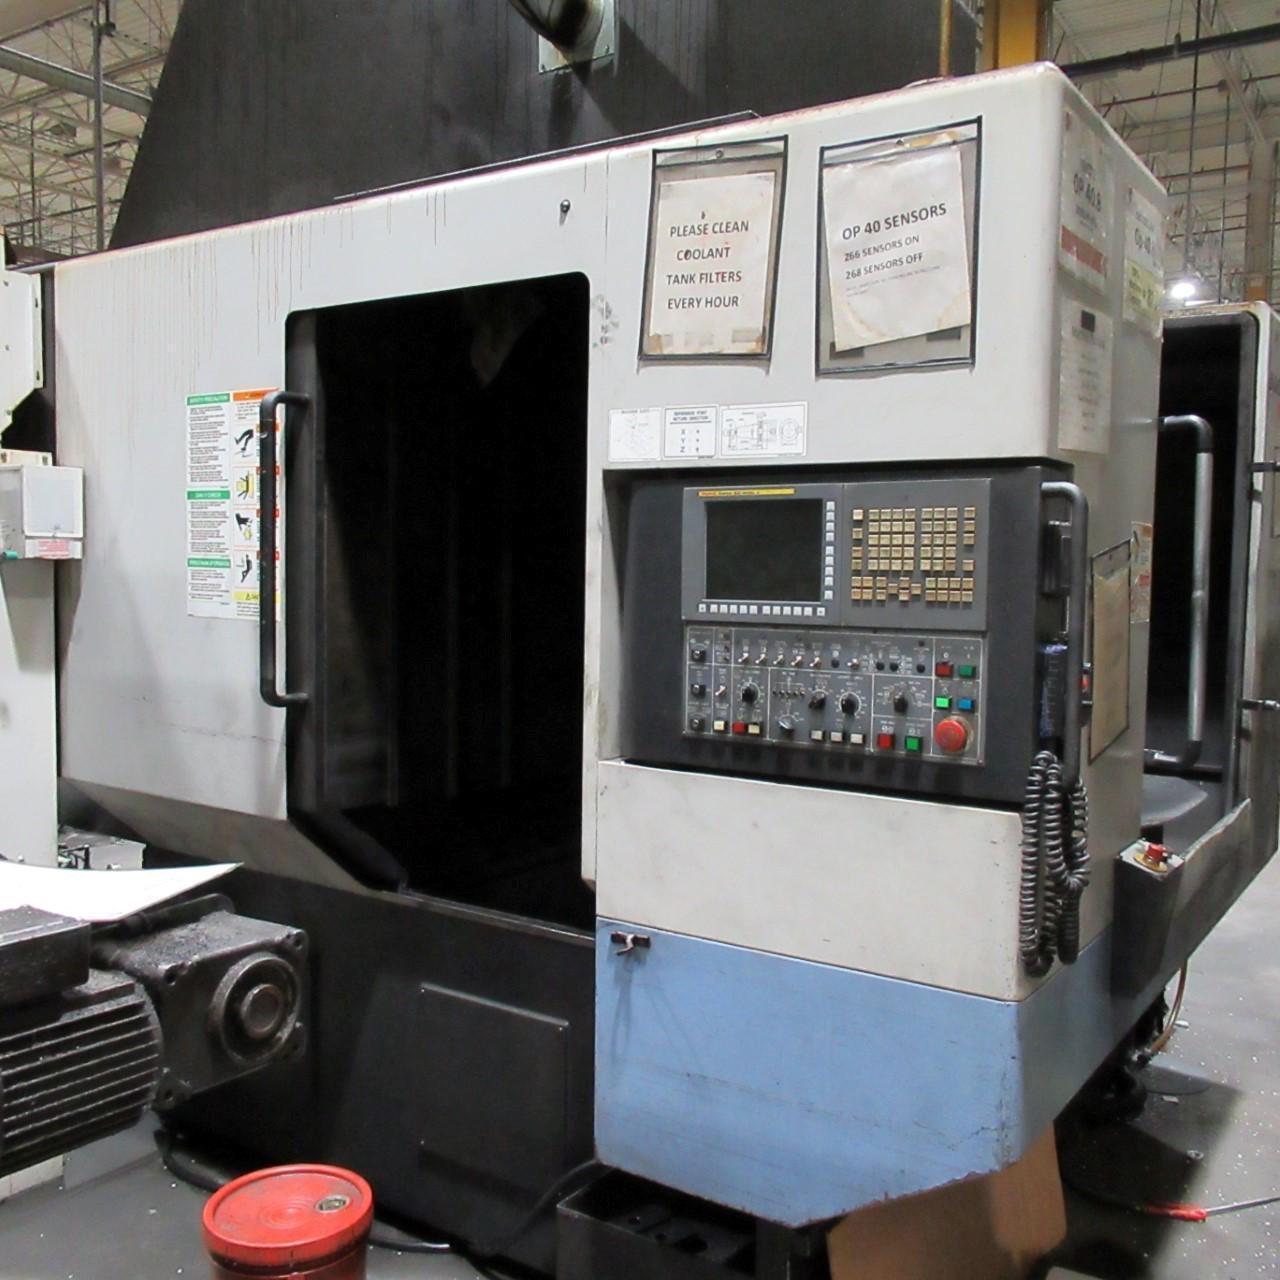 Doosan VC-500 Vertical Machining Center